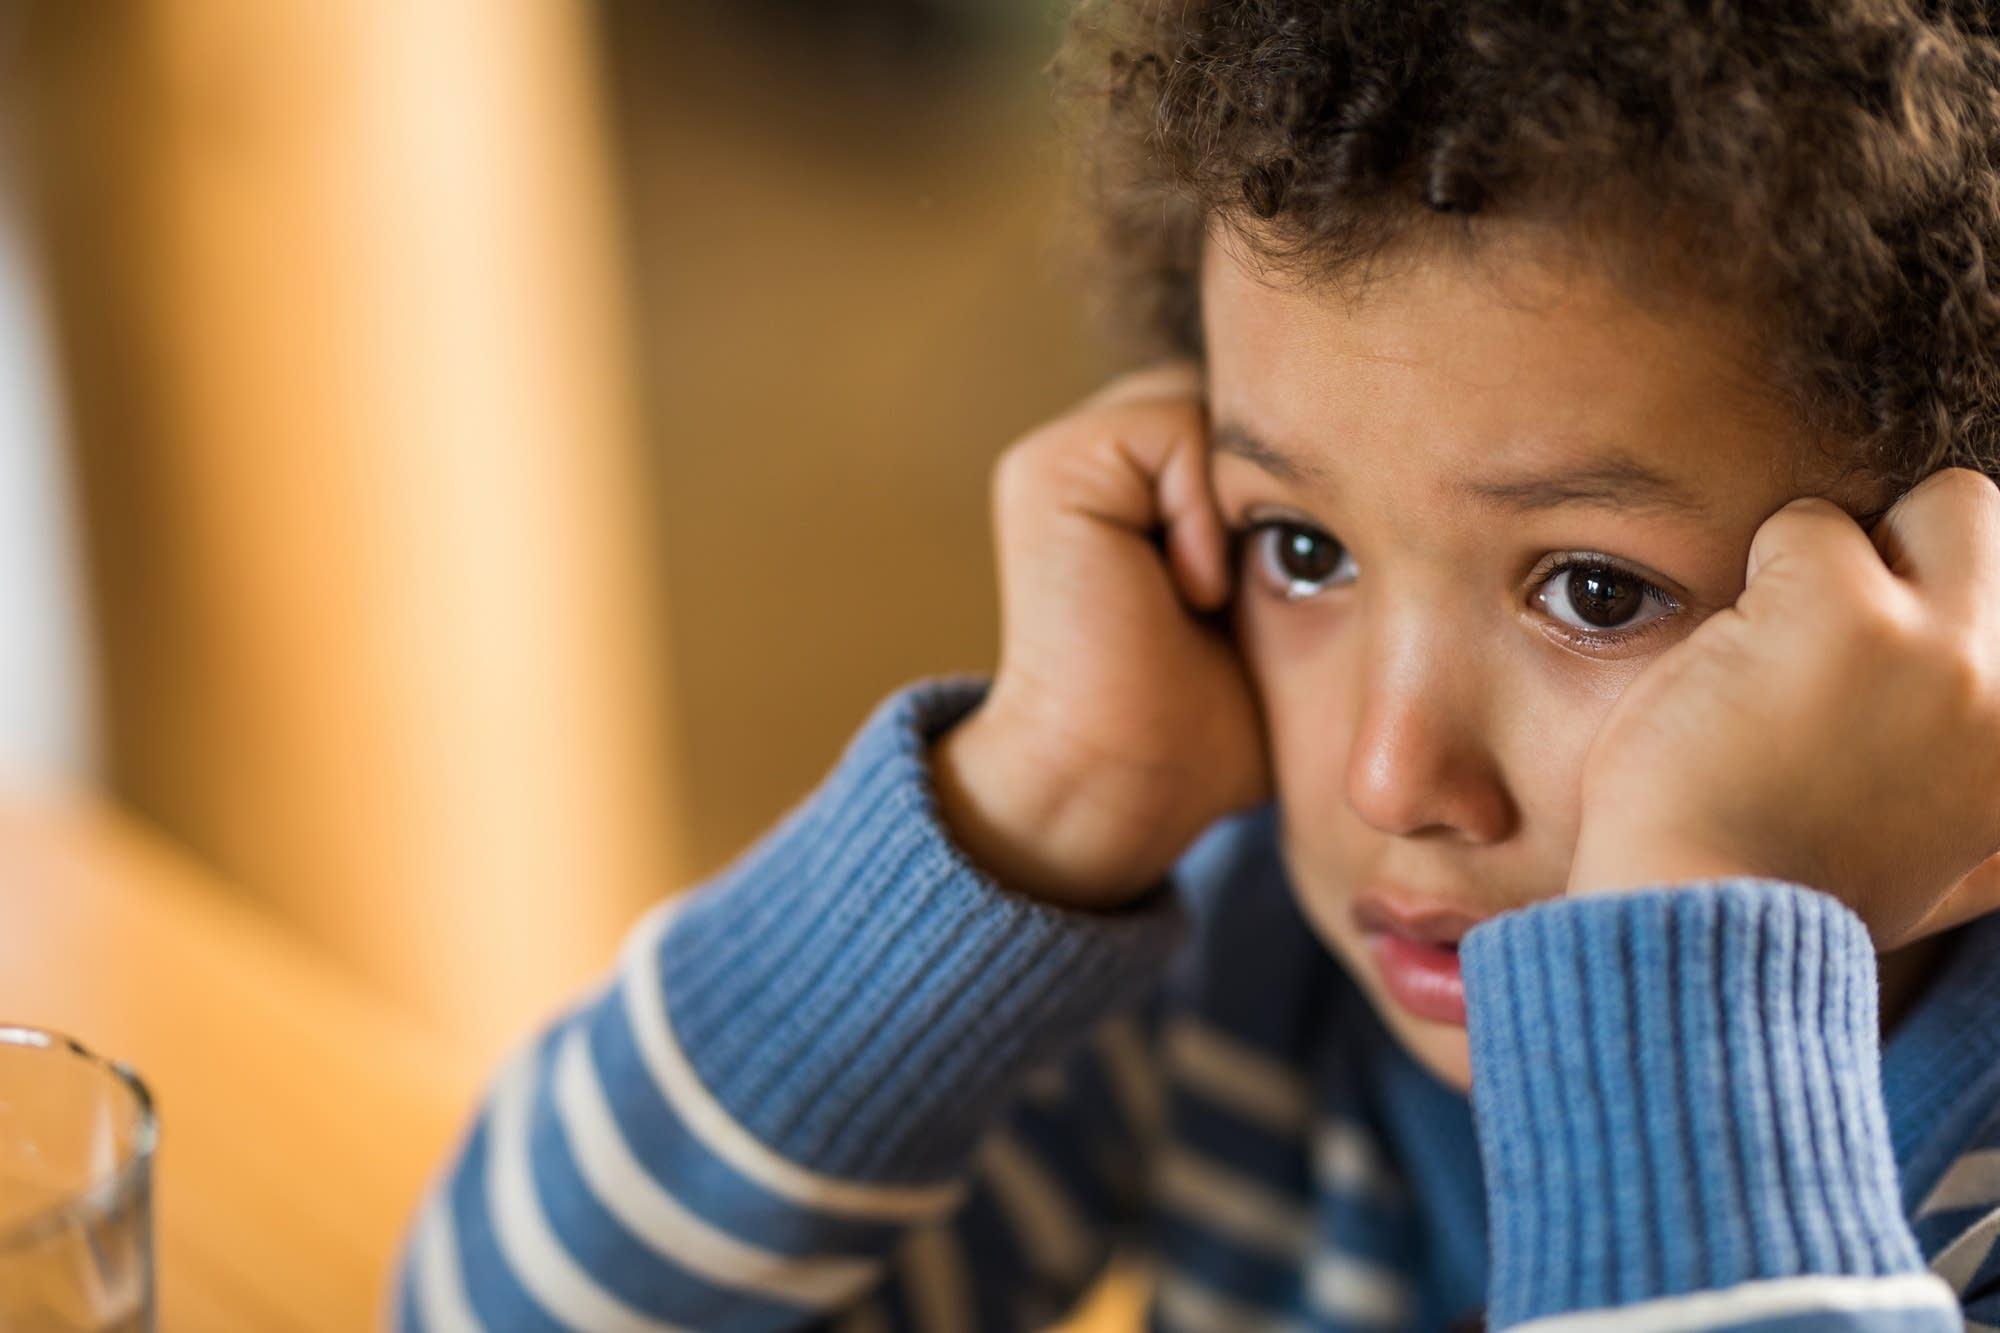 70d42a-crying-kid.jpg